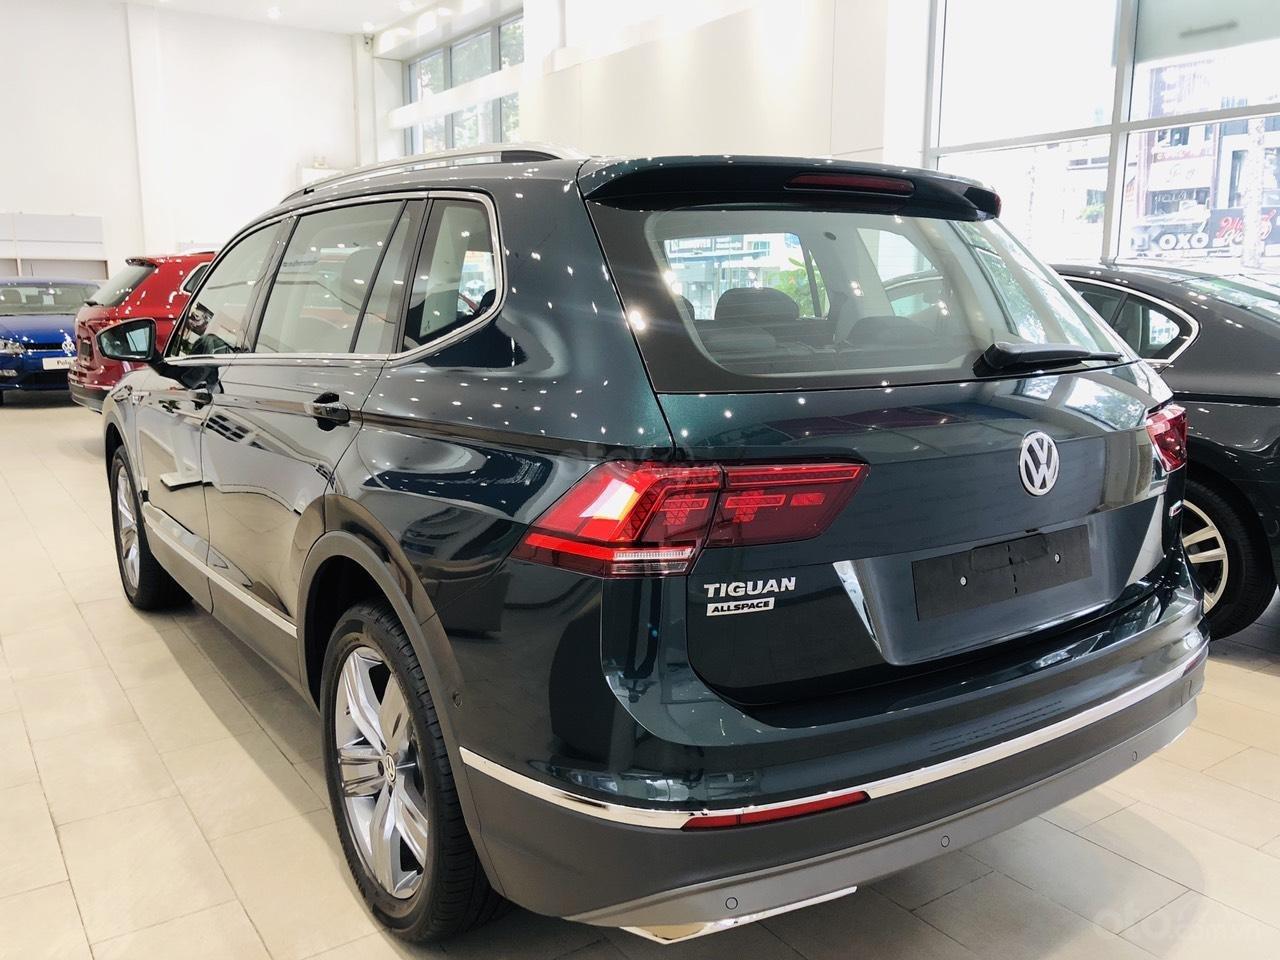 Volkswagen Tiguan Luxury S xanh rêu lạ mắt - xe Đức nhập khẩu 100% - giao ngay (7)